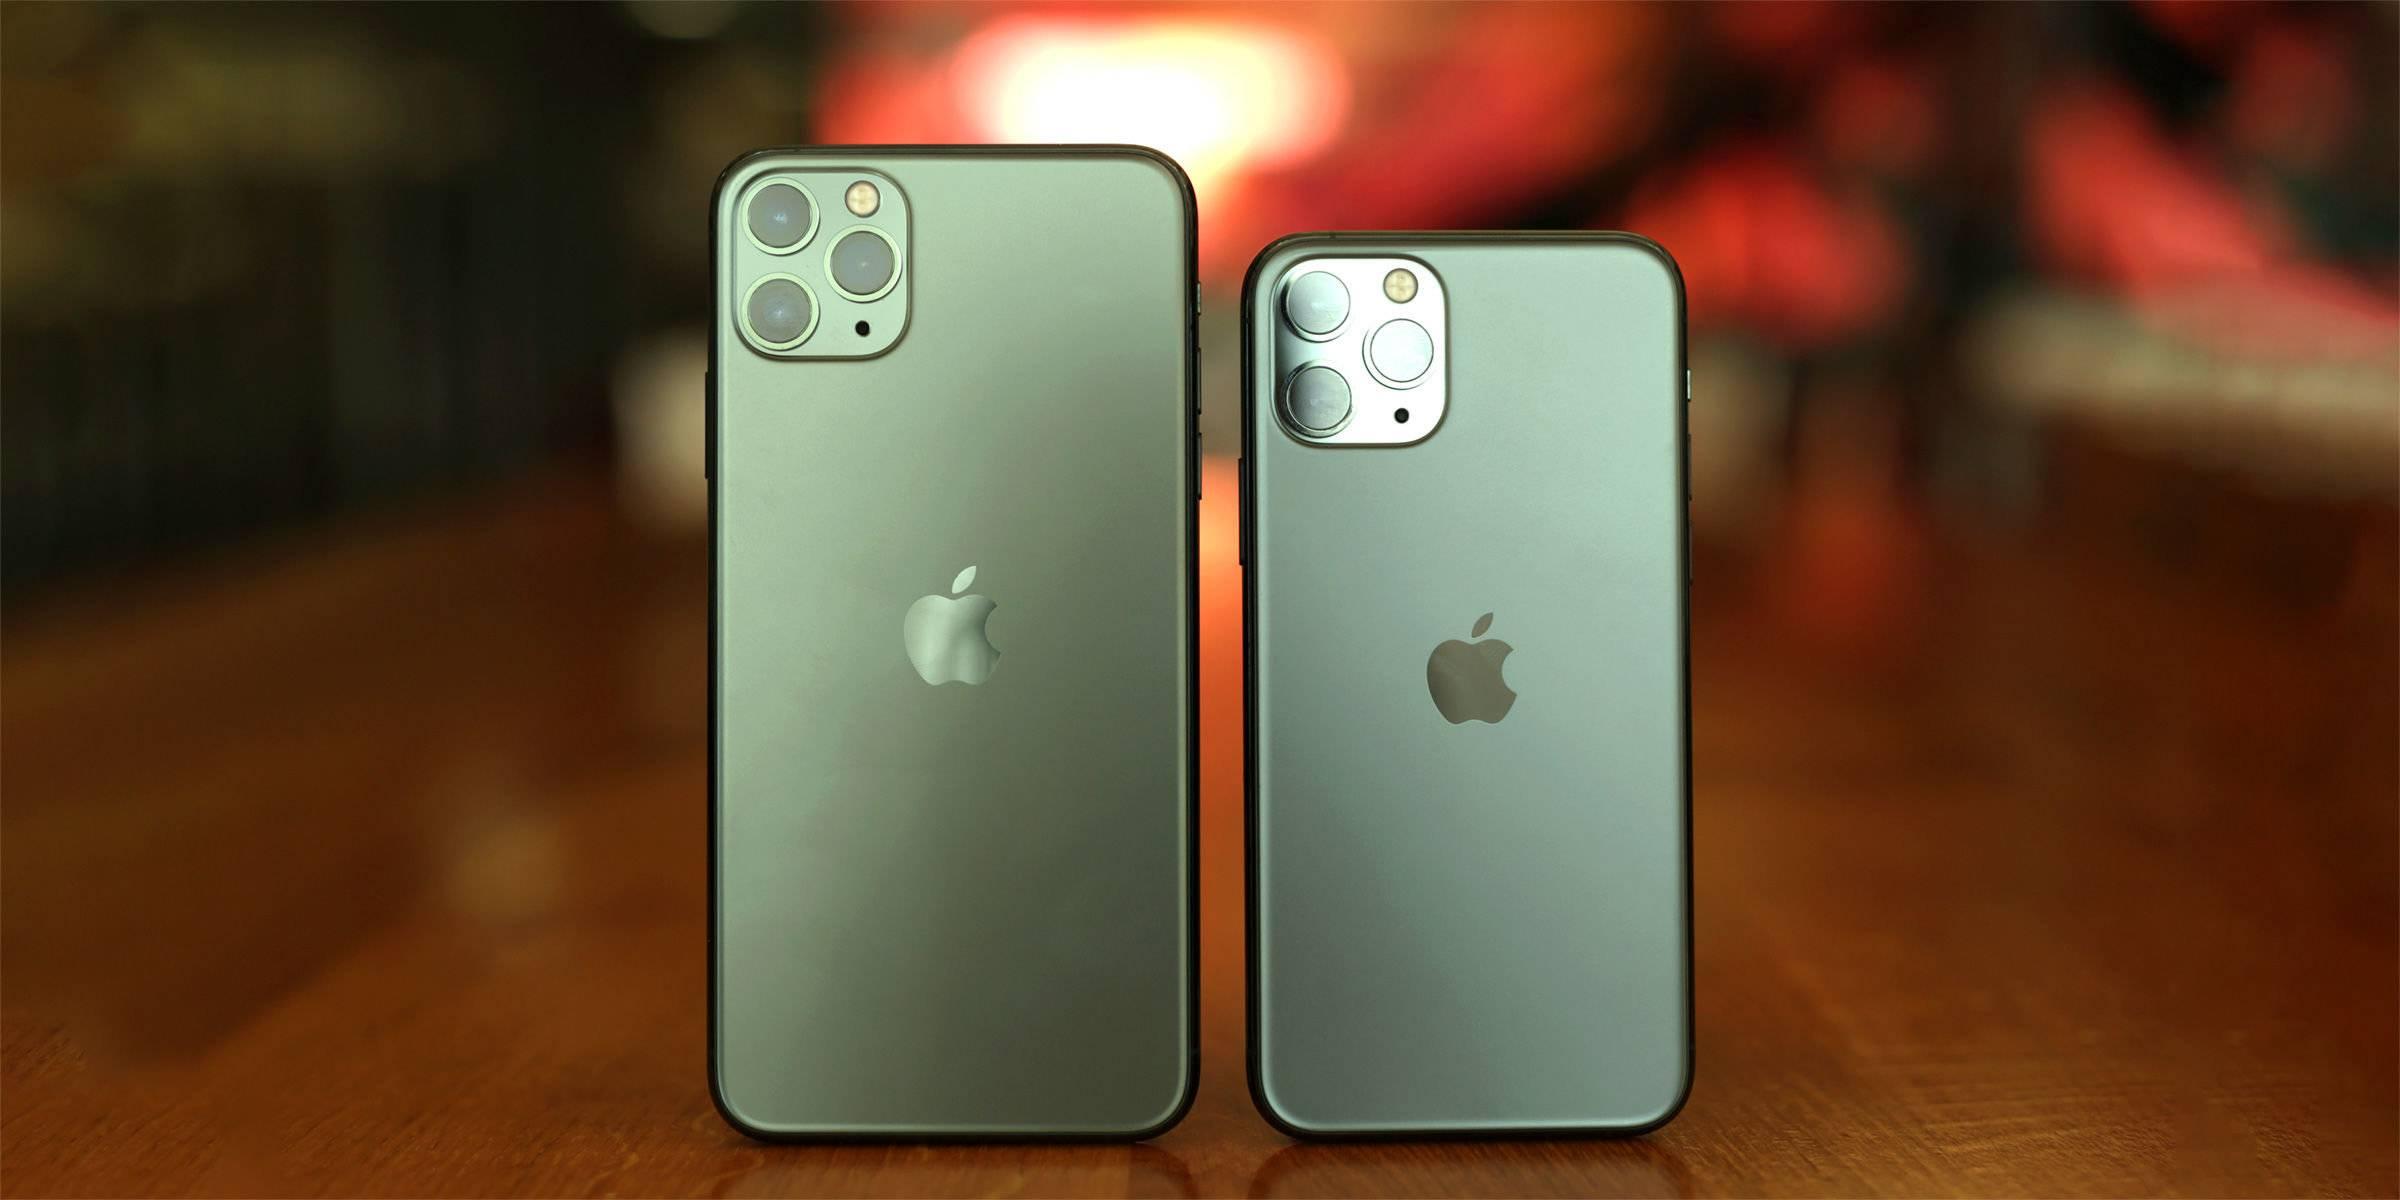 اپل ایفون 11 پرو مکس